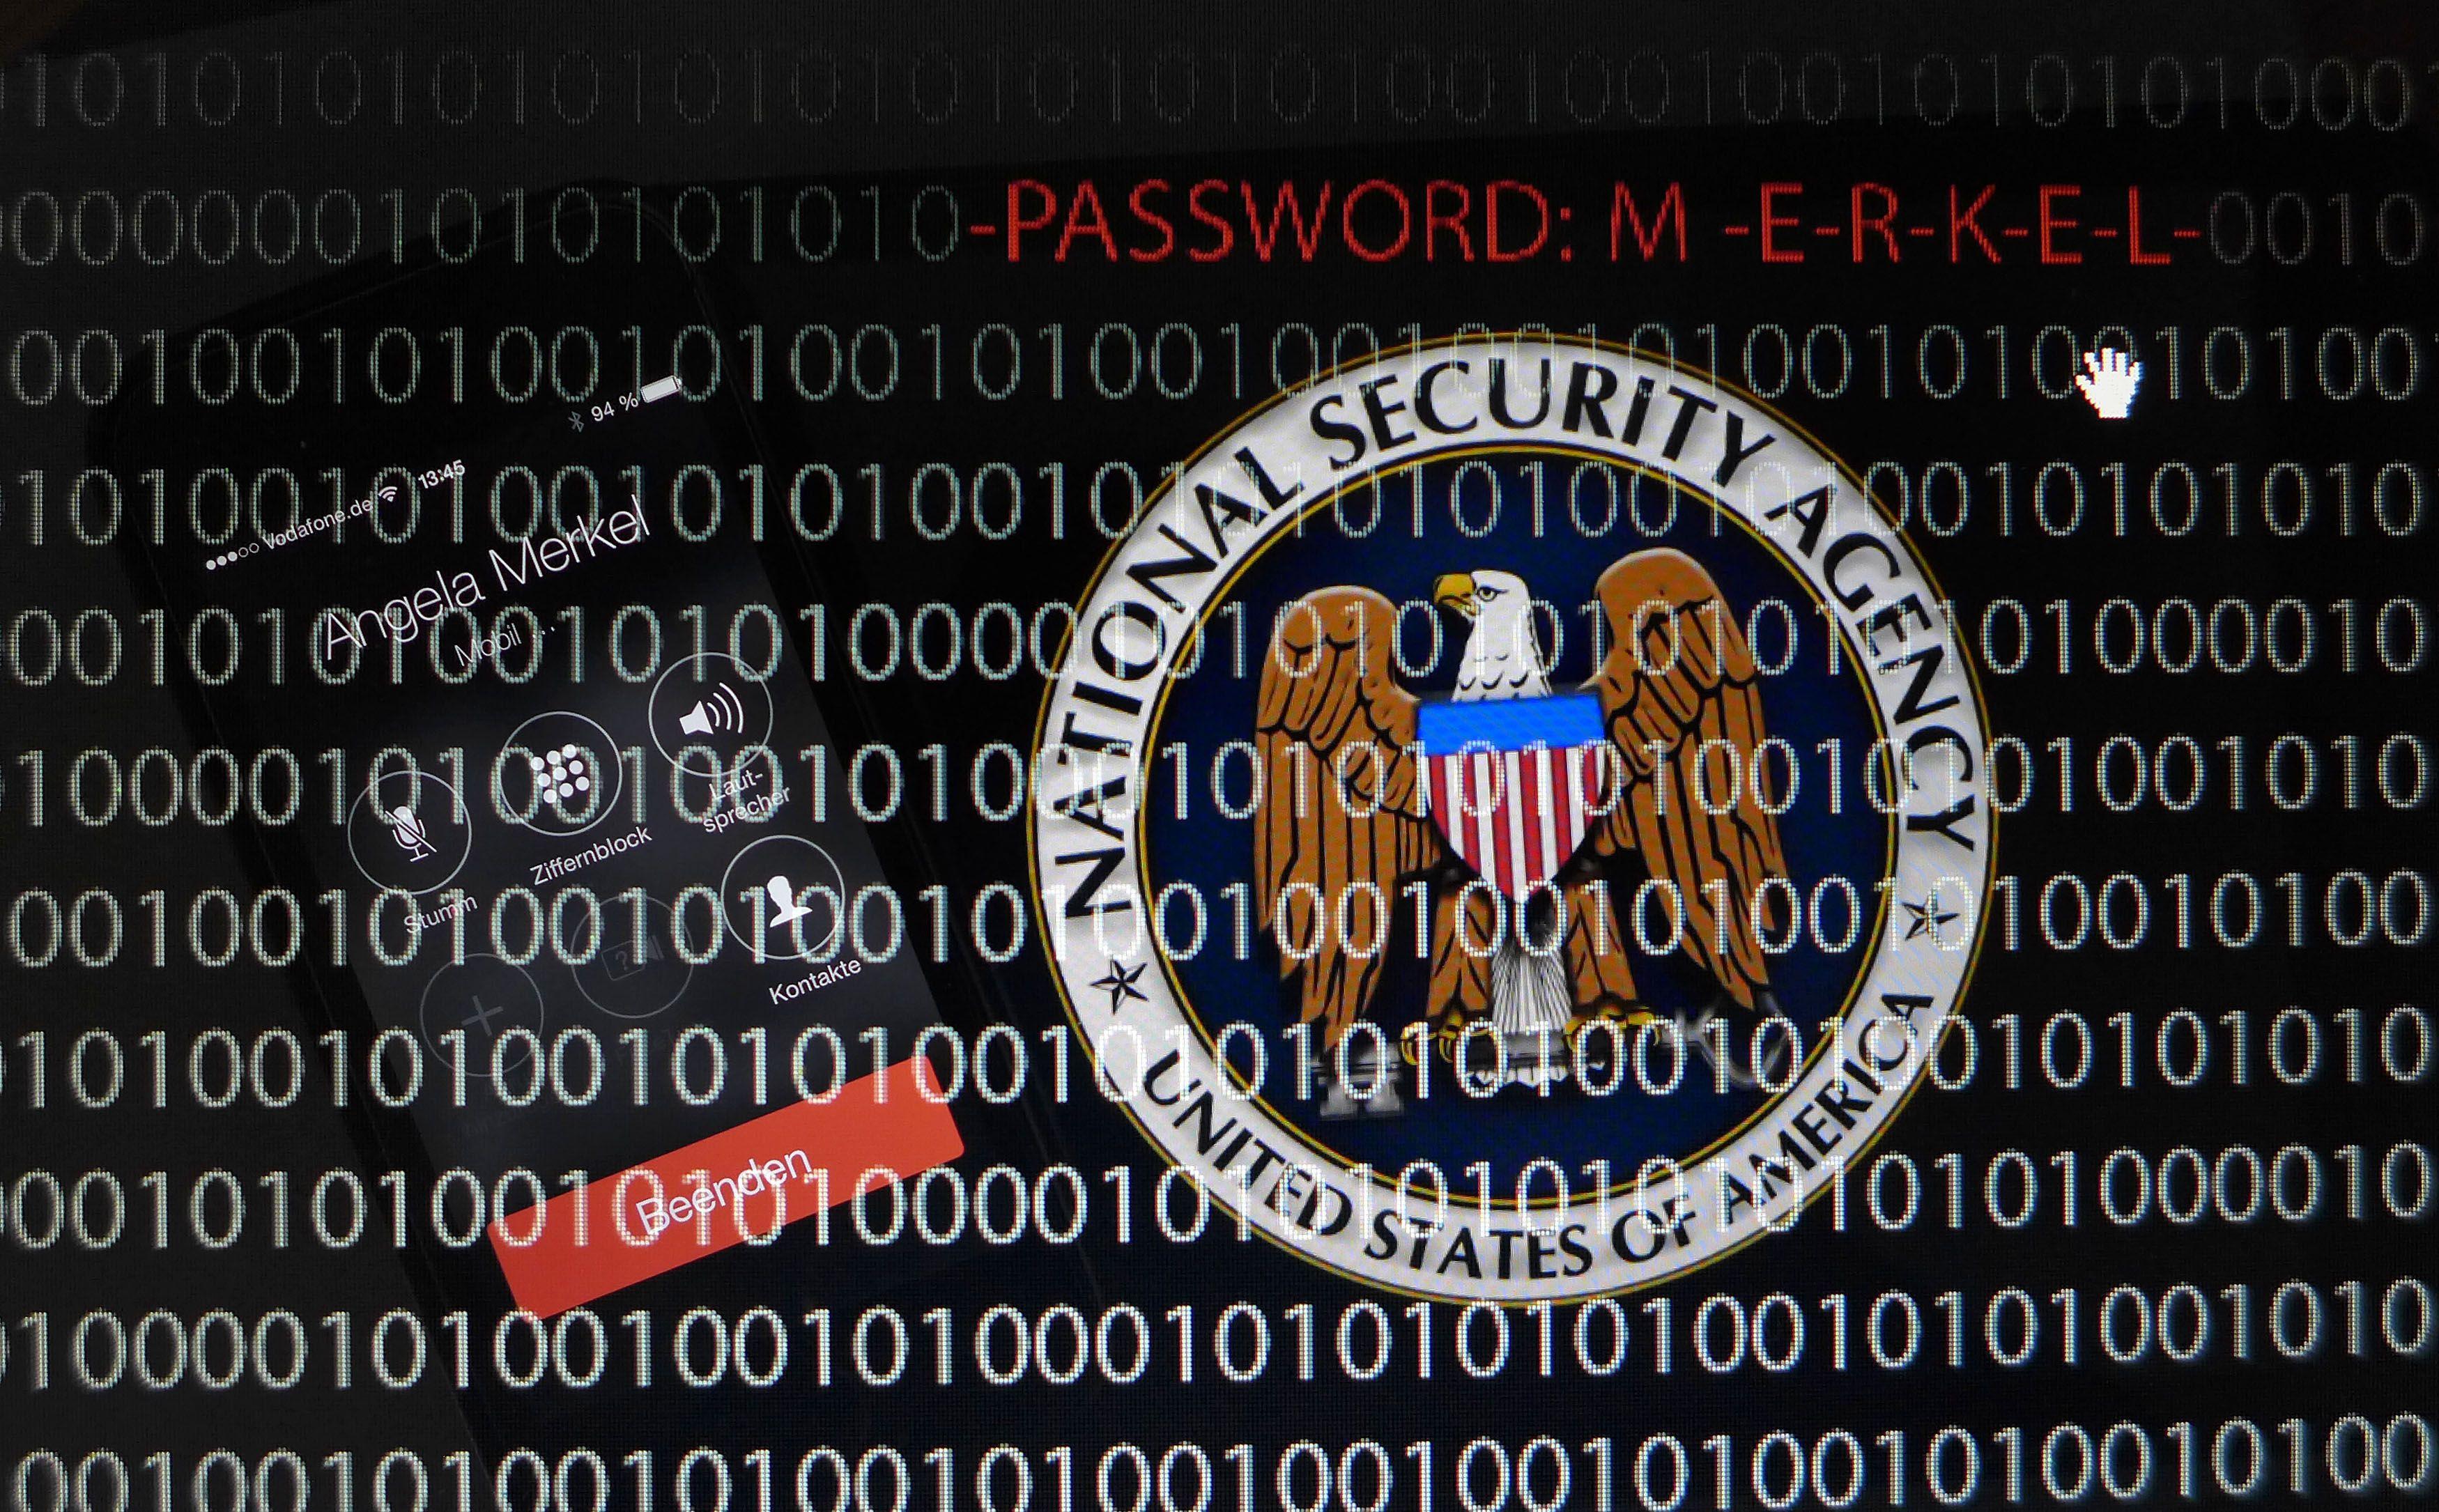 Ce rapport top secret de la NSA sur les pirates informatiques russes qui s'attaquent à la fiabilité des élections occidentales